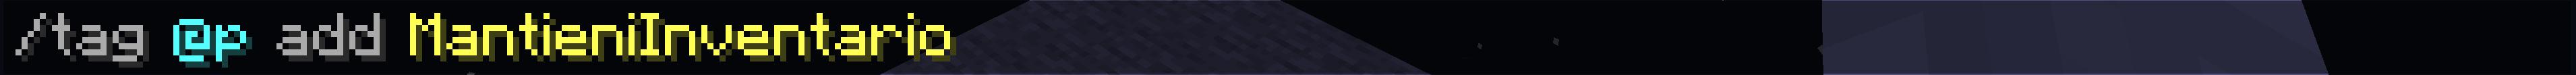 Dimostrazione comando per circoscrivere KeepInventory solo  determinati giocatori - Passo 2 di 1.13+ - uguale a passo 2 di 1.12.2-